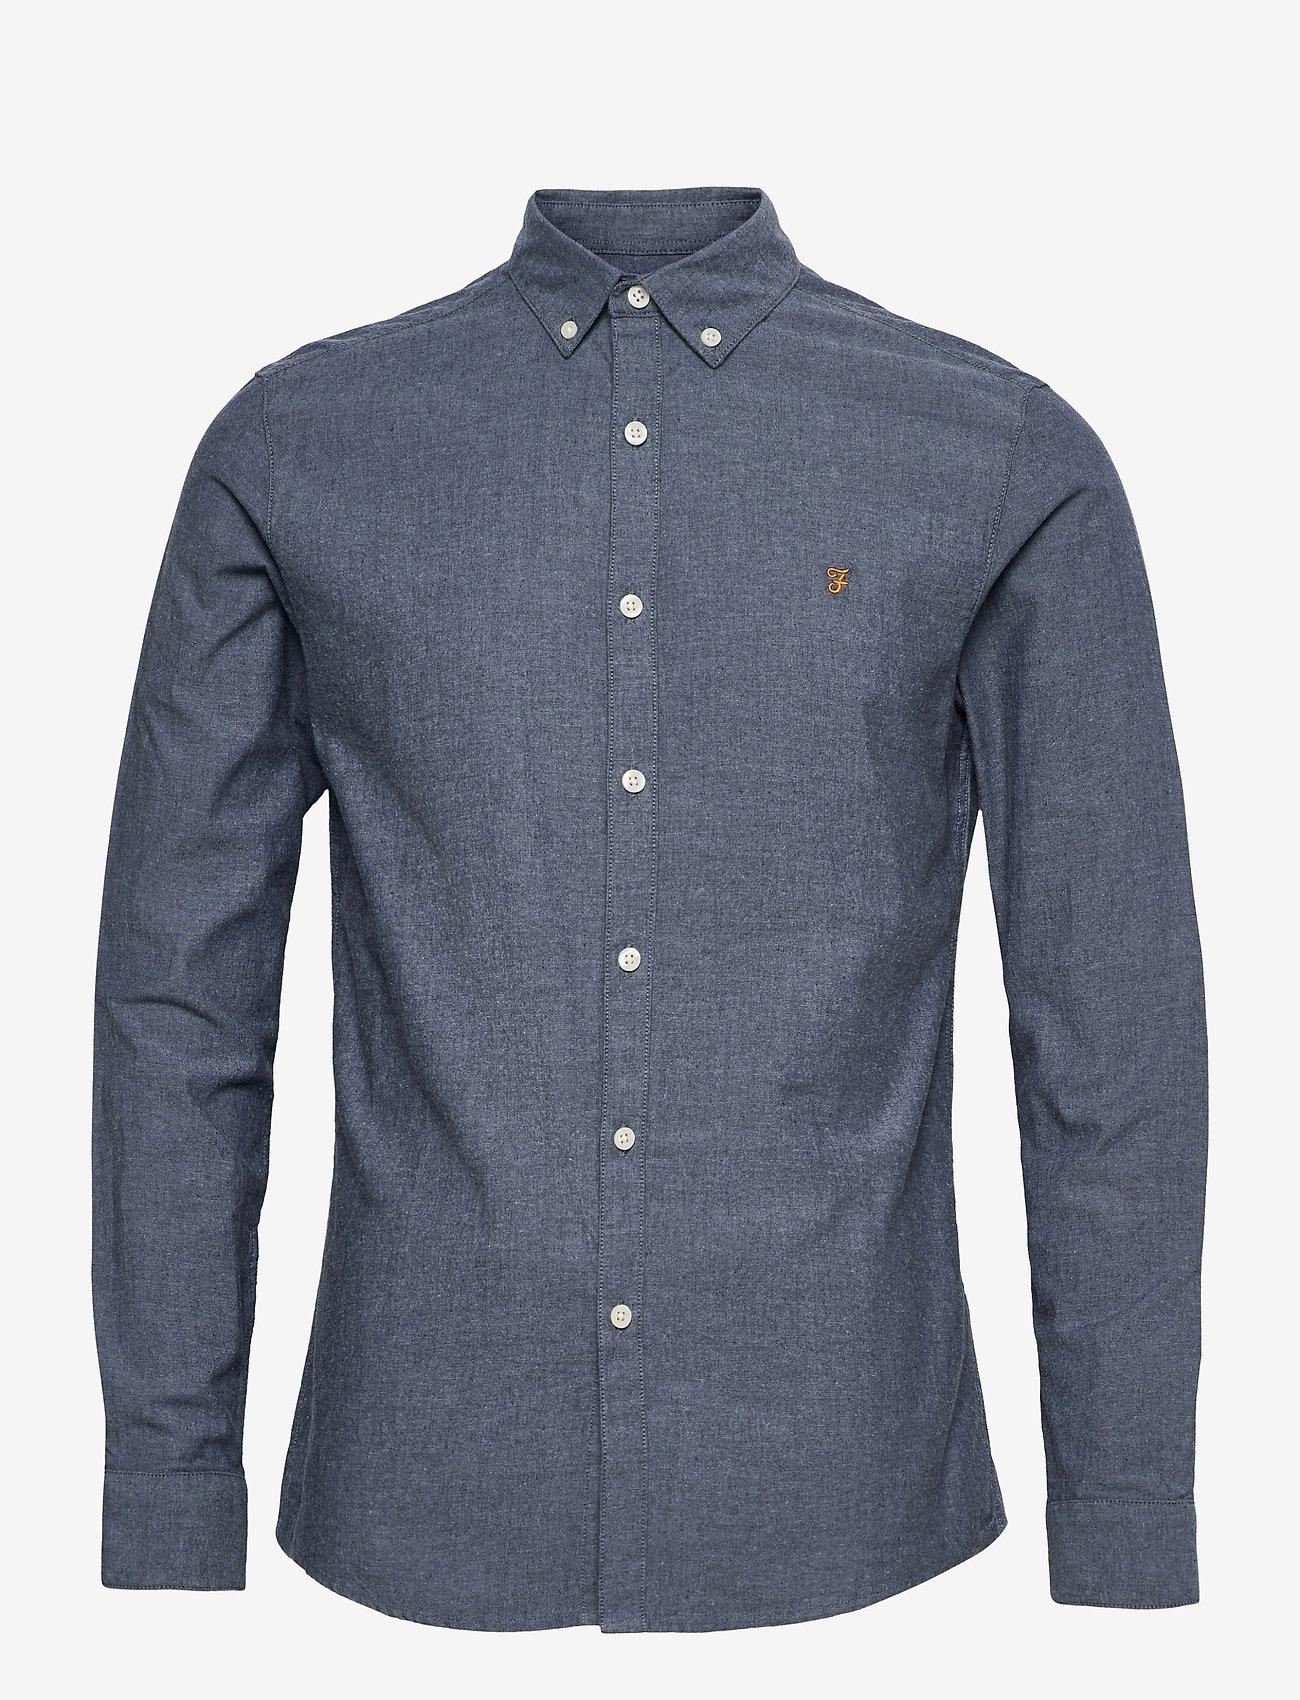 Farah - STEEN SLIM FIT SHIRT - linnen overhemden - bb blue bell - 0